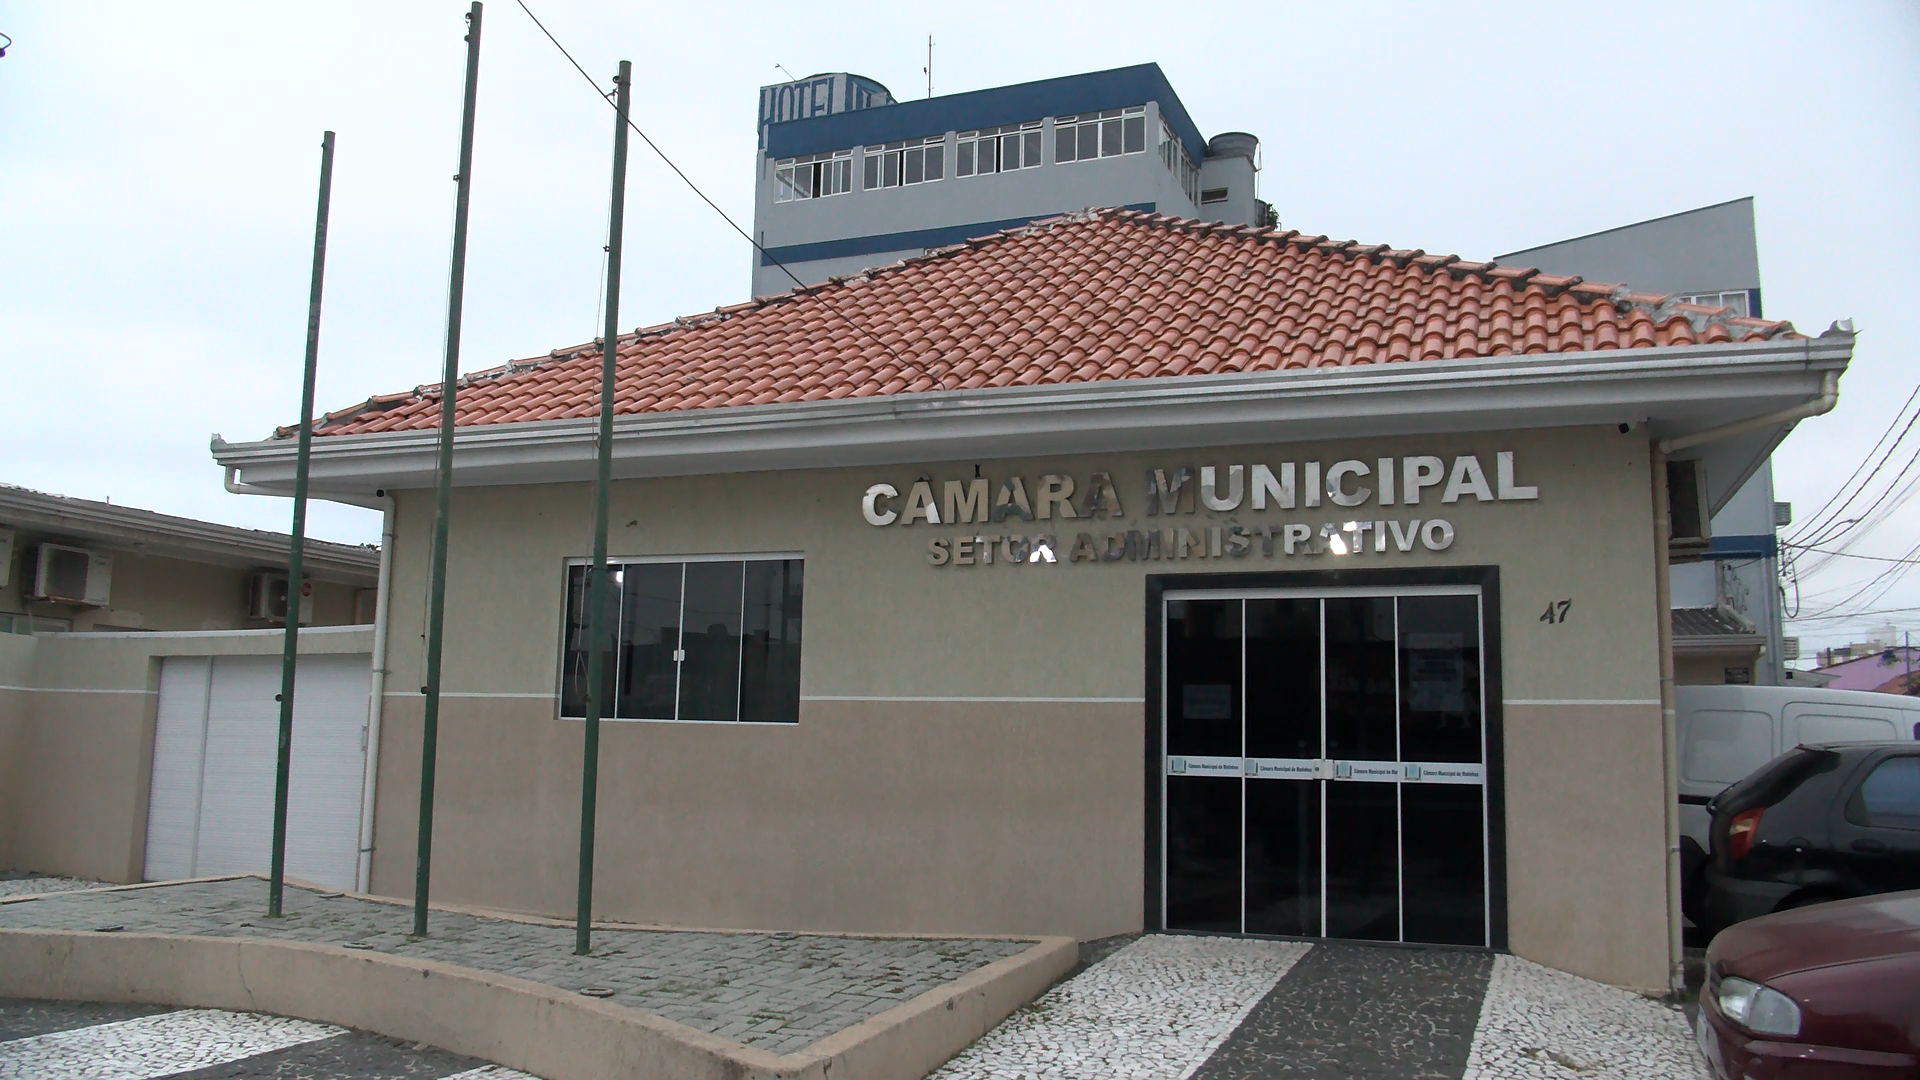 Jovem denuncia prática de rachadinha e assédio sexual na Câmara de Matinhos